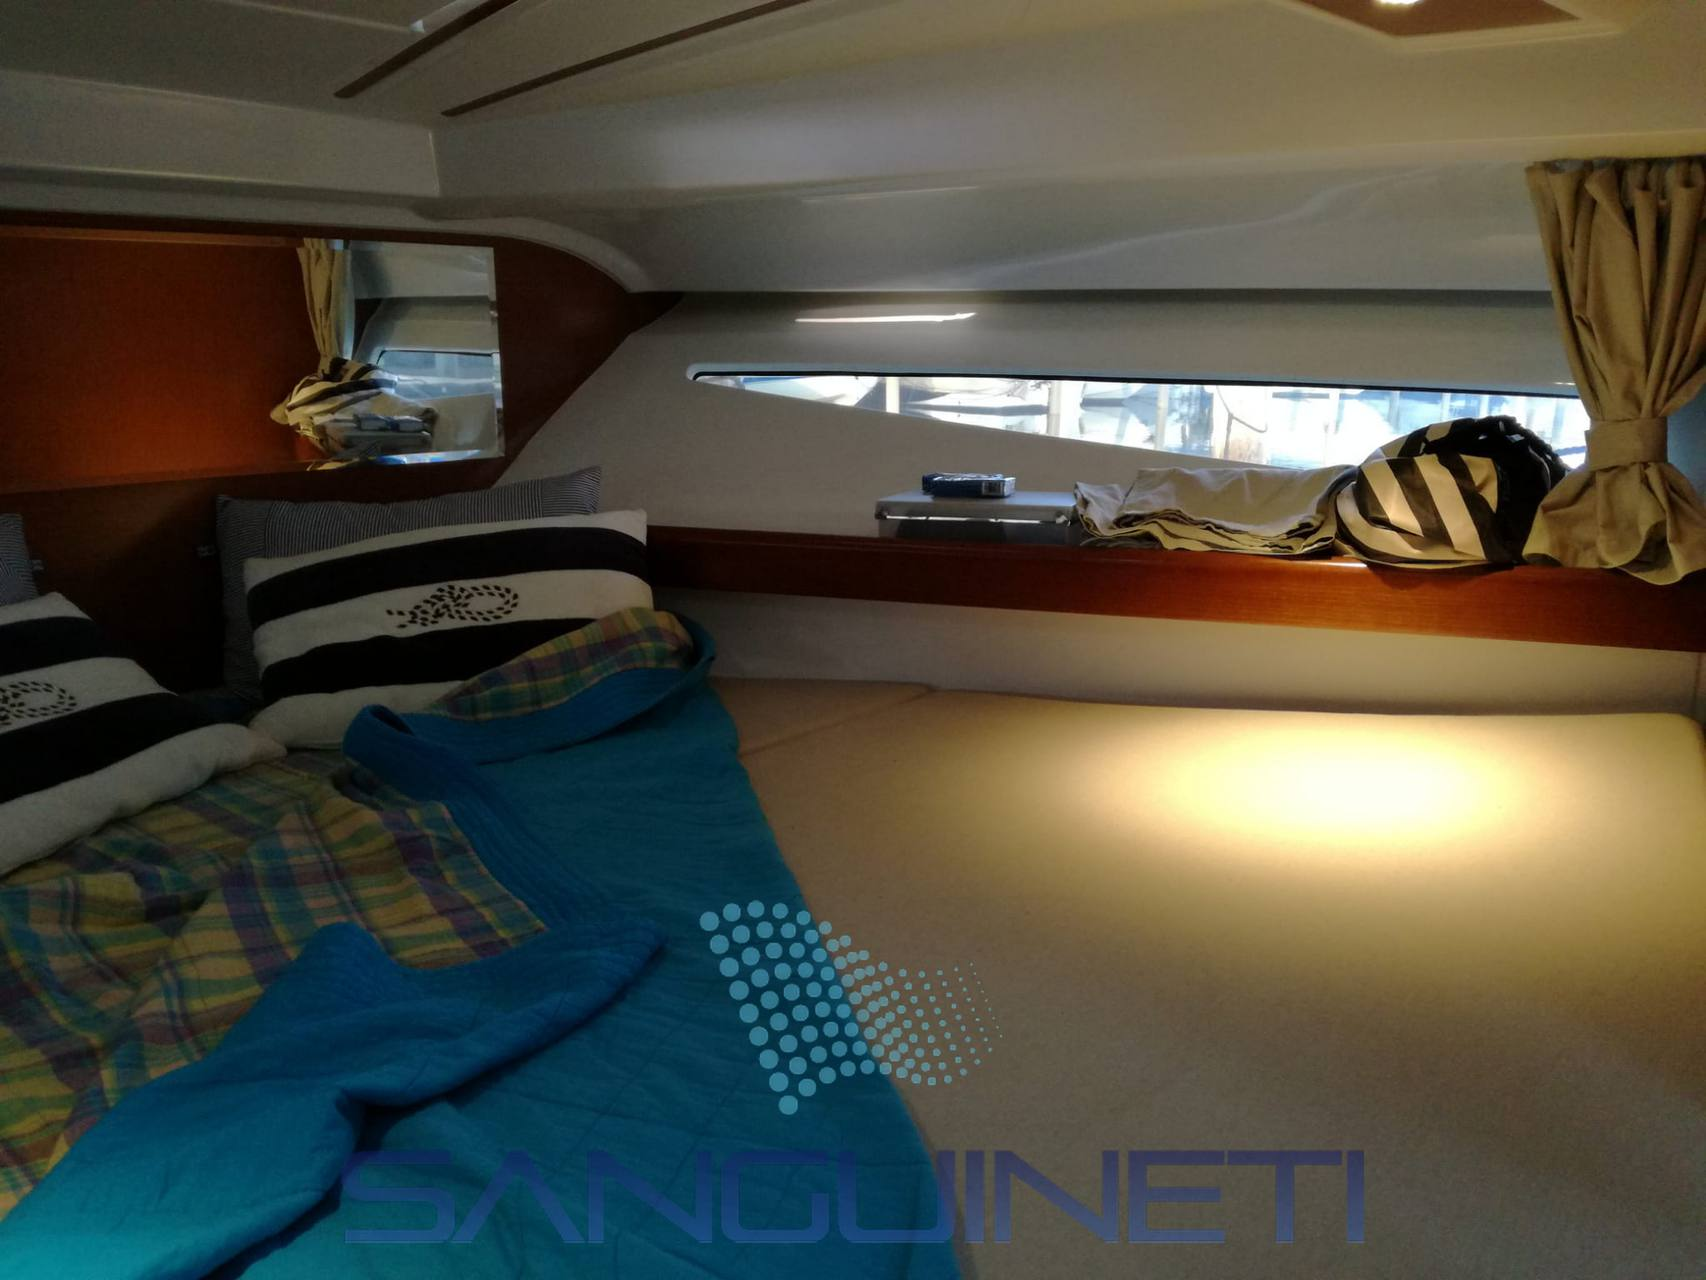 Beneteau Antares 880 barca a motore